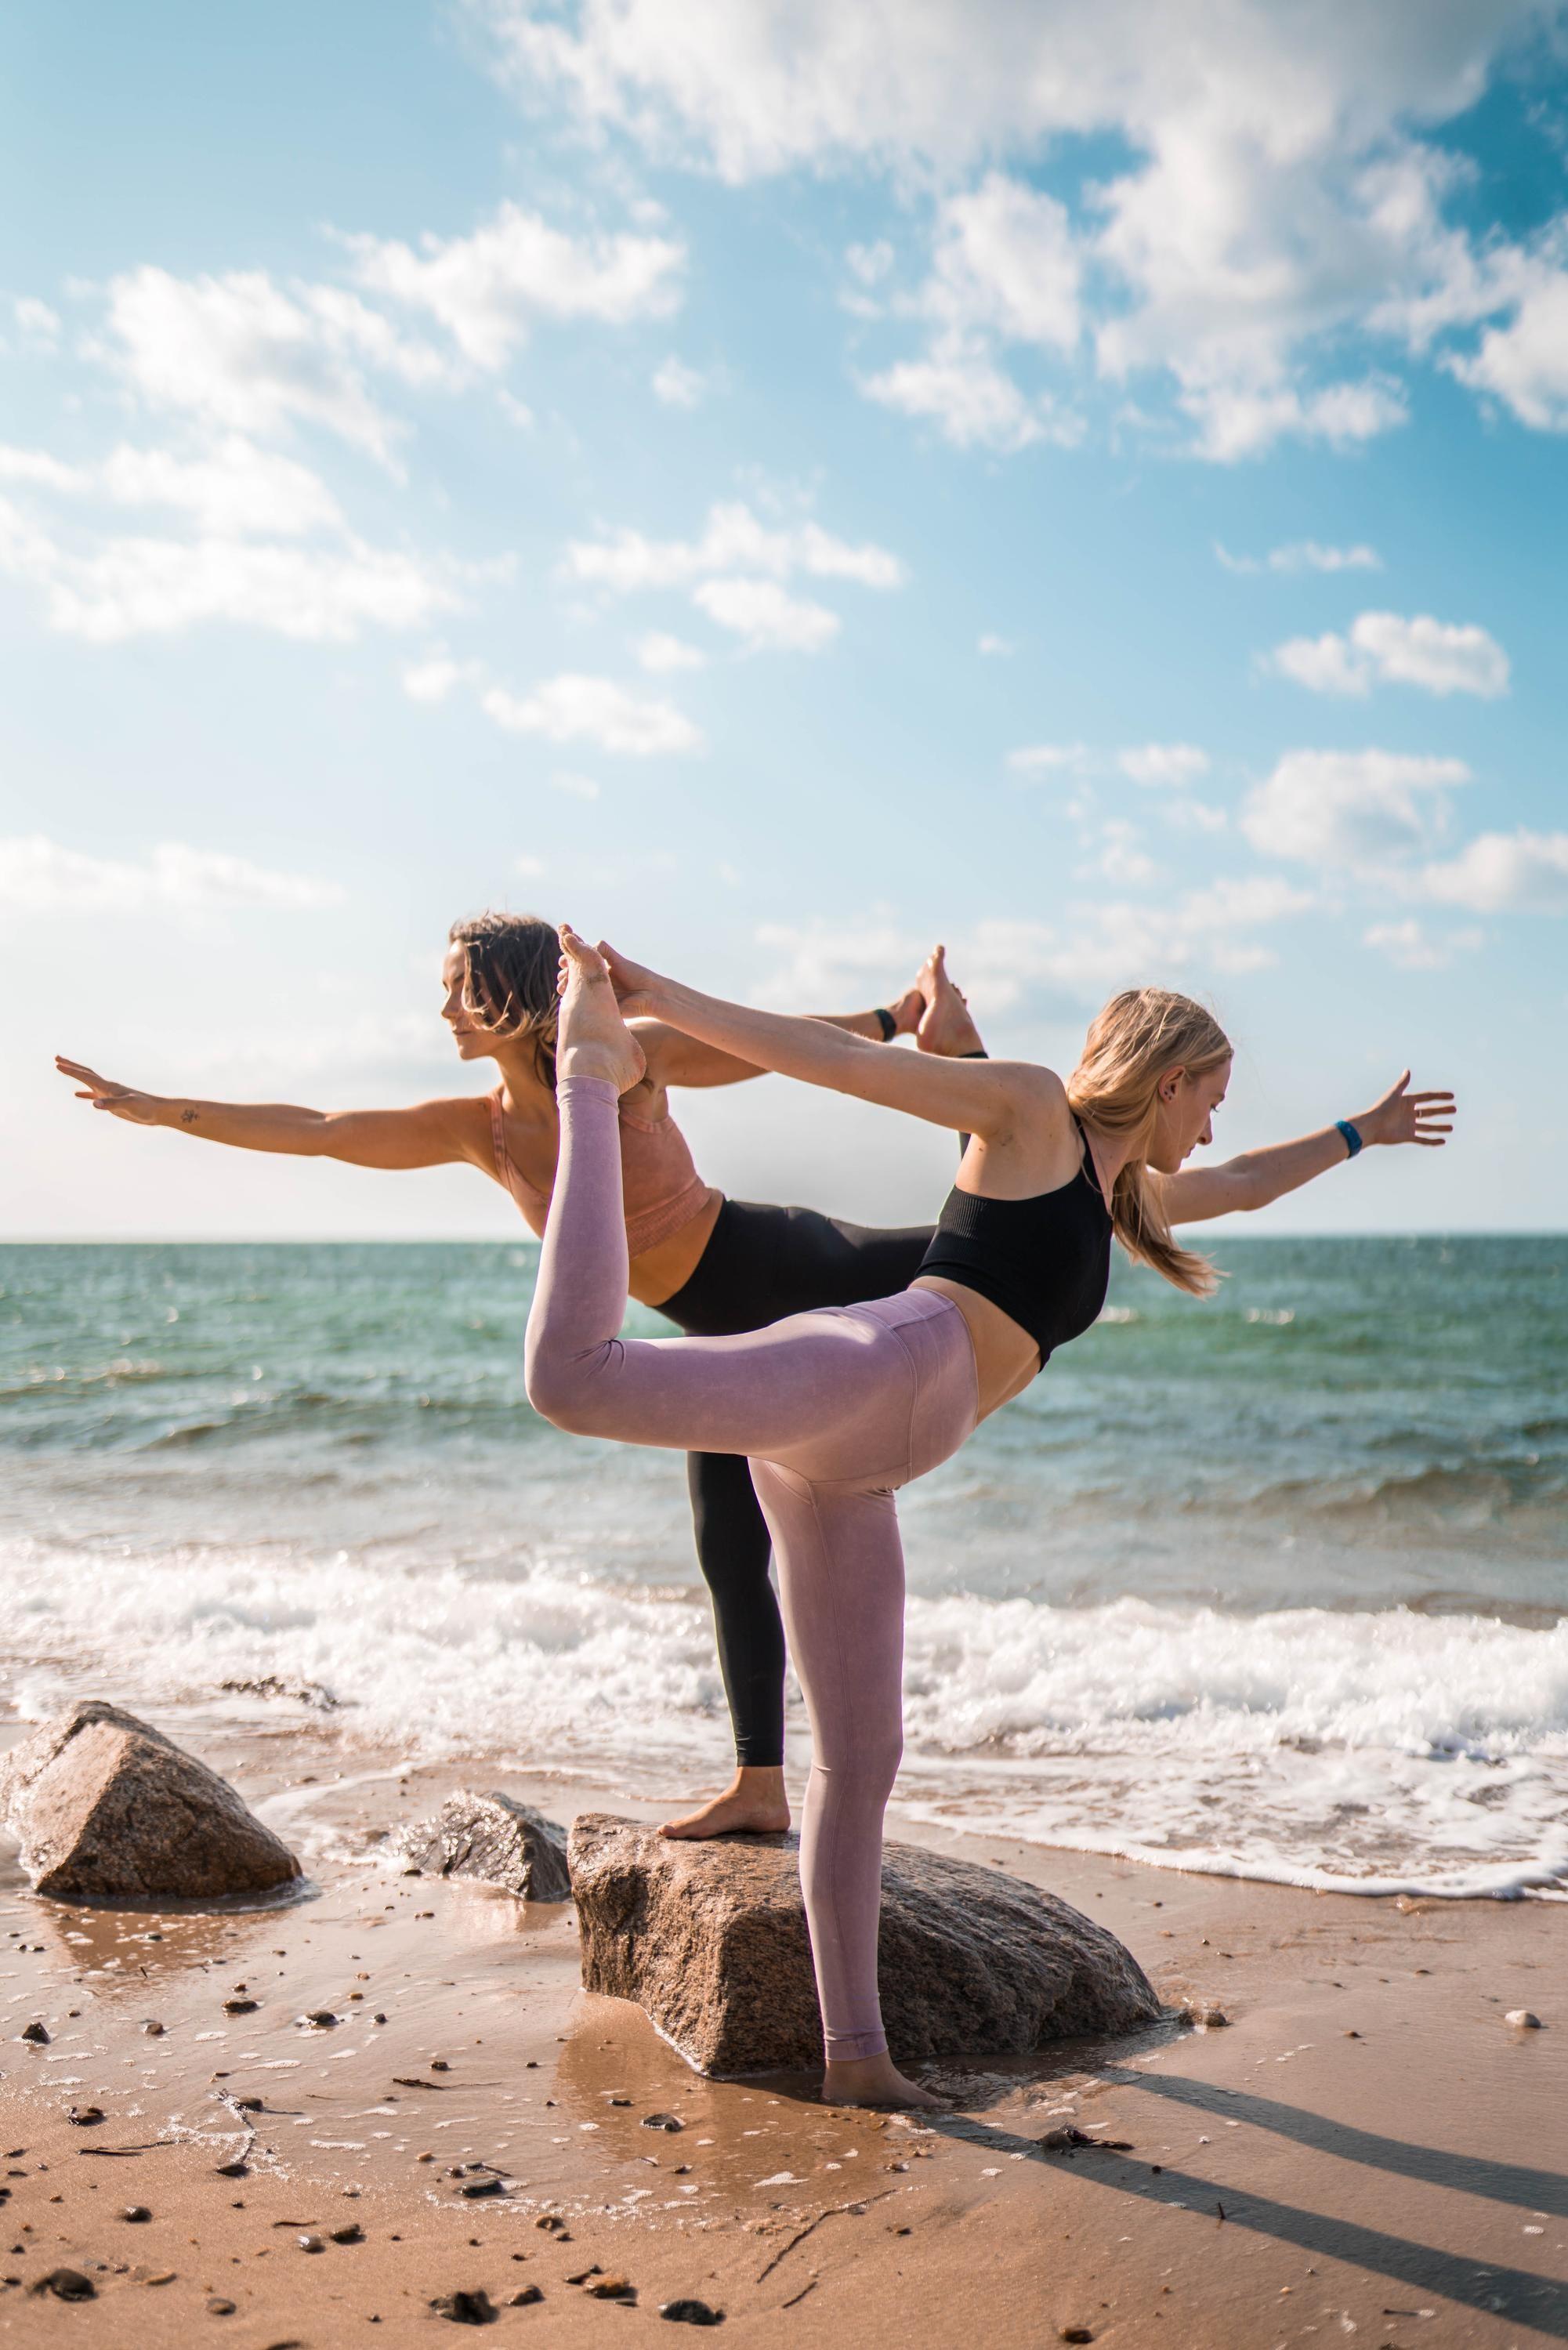 Love your body, mind & spirit.